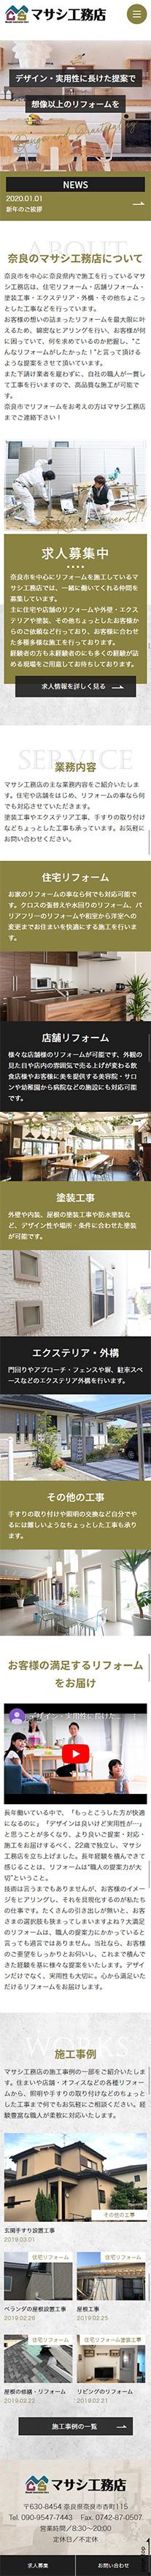 マサシ工務店スマホTOP画像